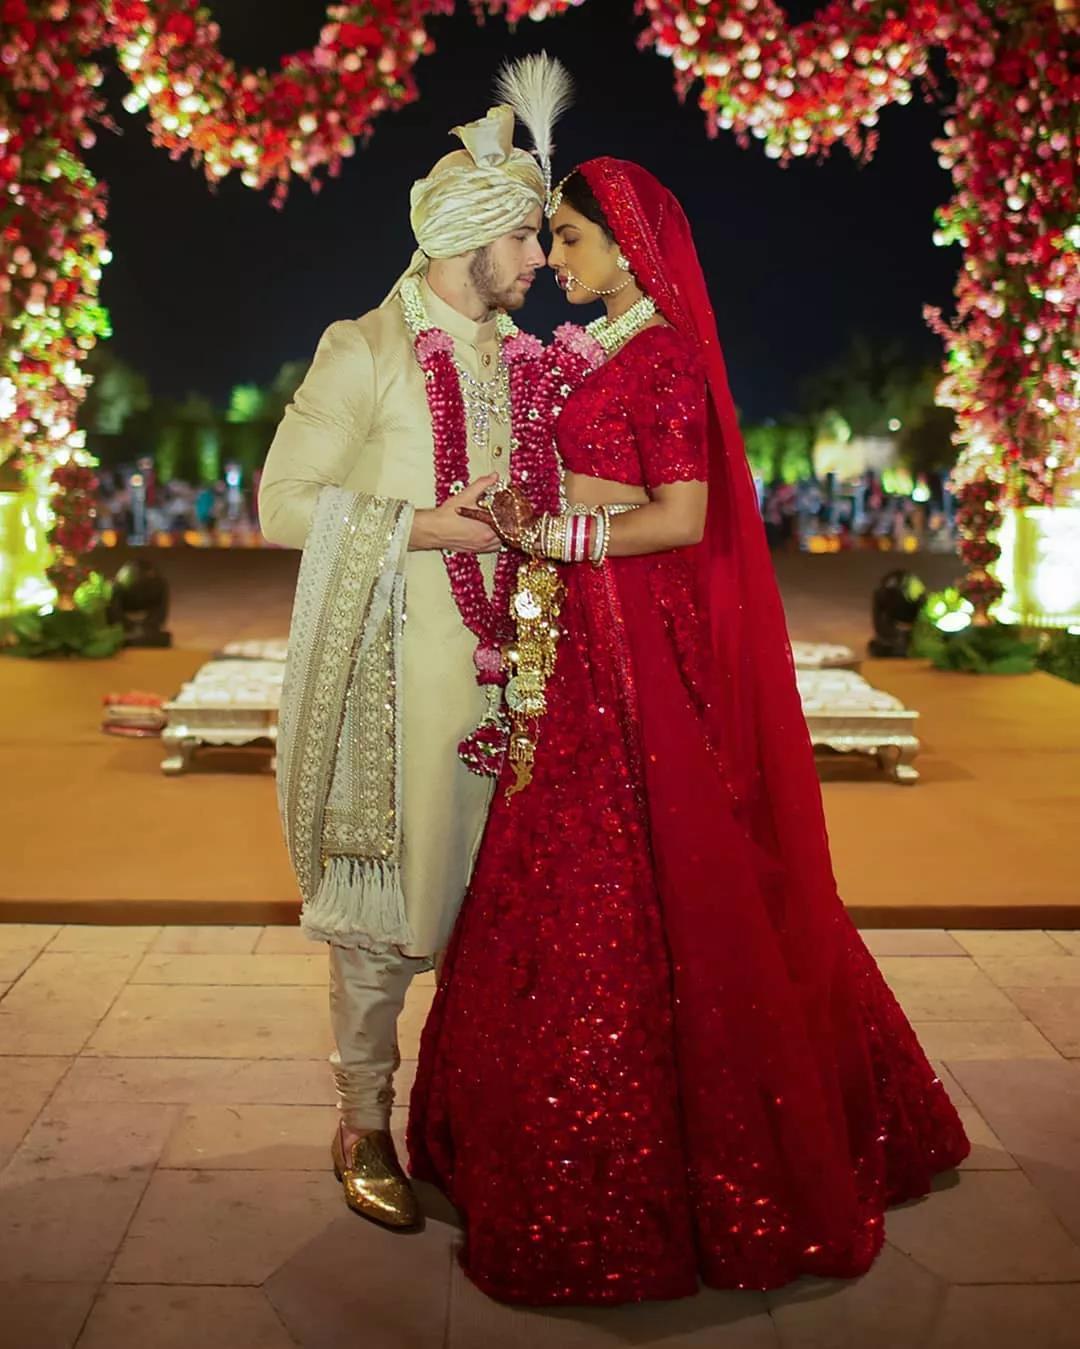 印度国宝级女星出嫁 新郎是小10岁的鲜肉